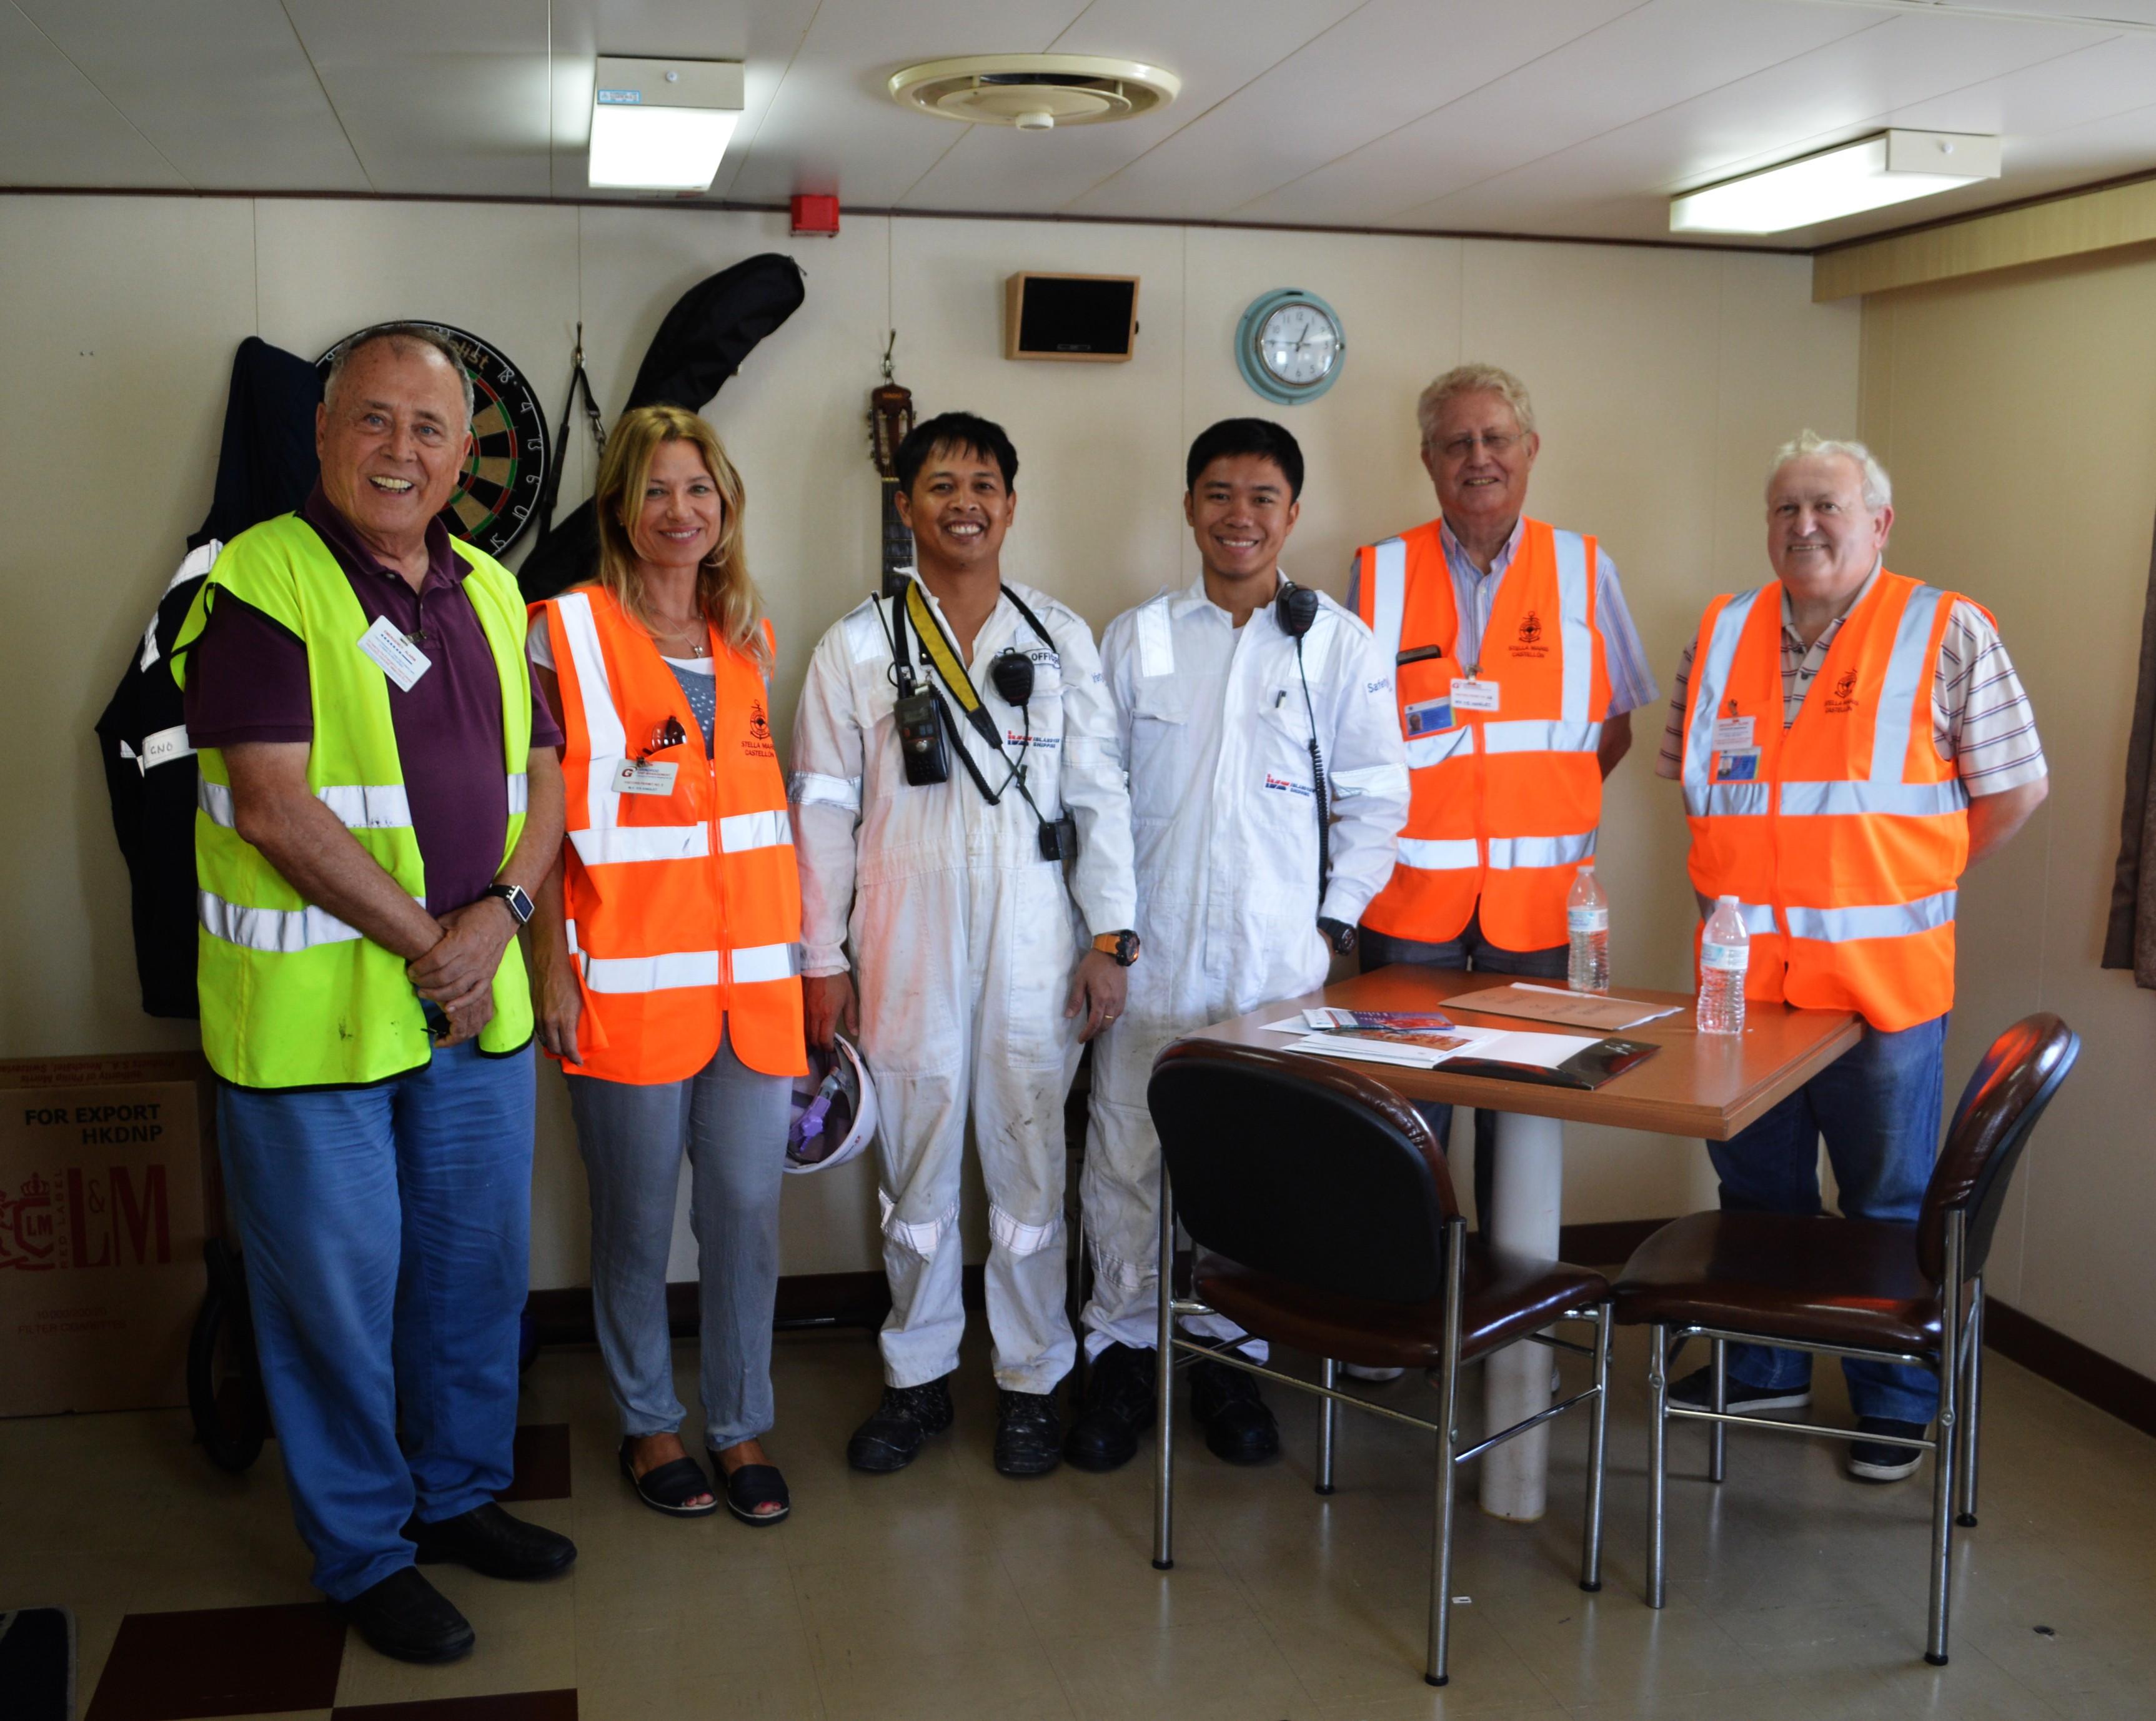 Toma de contacto con la tripulación del buque visitado